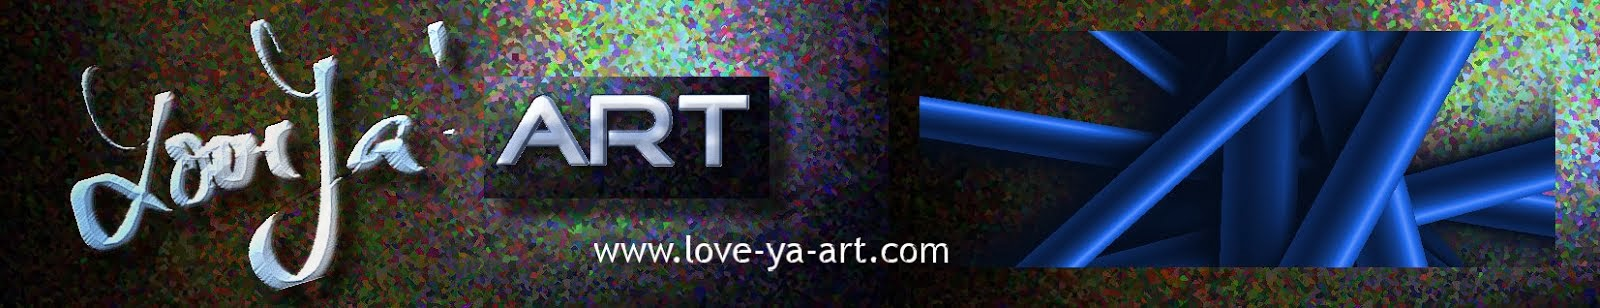 LOVE YA ART